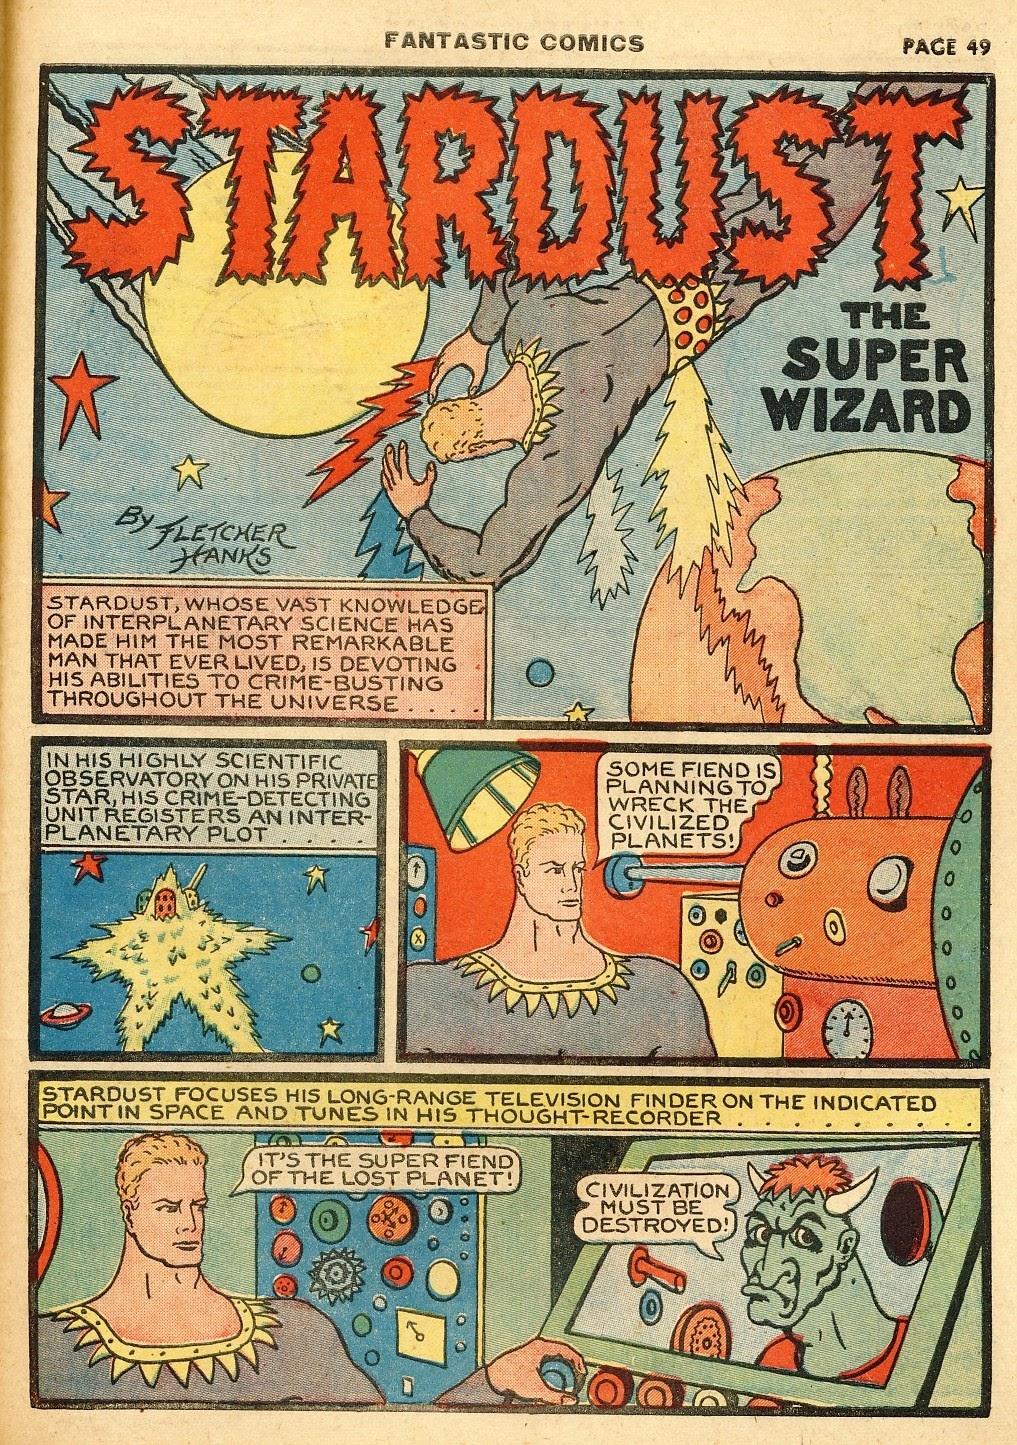 Read online Fantastic Comics comic -  Issue #10 - 50